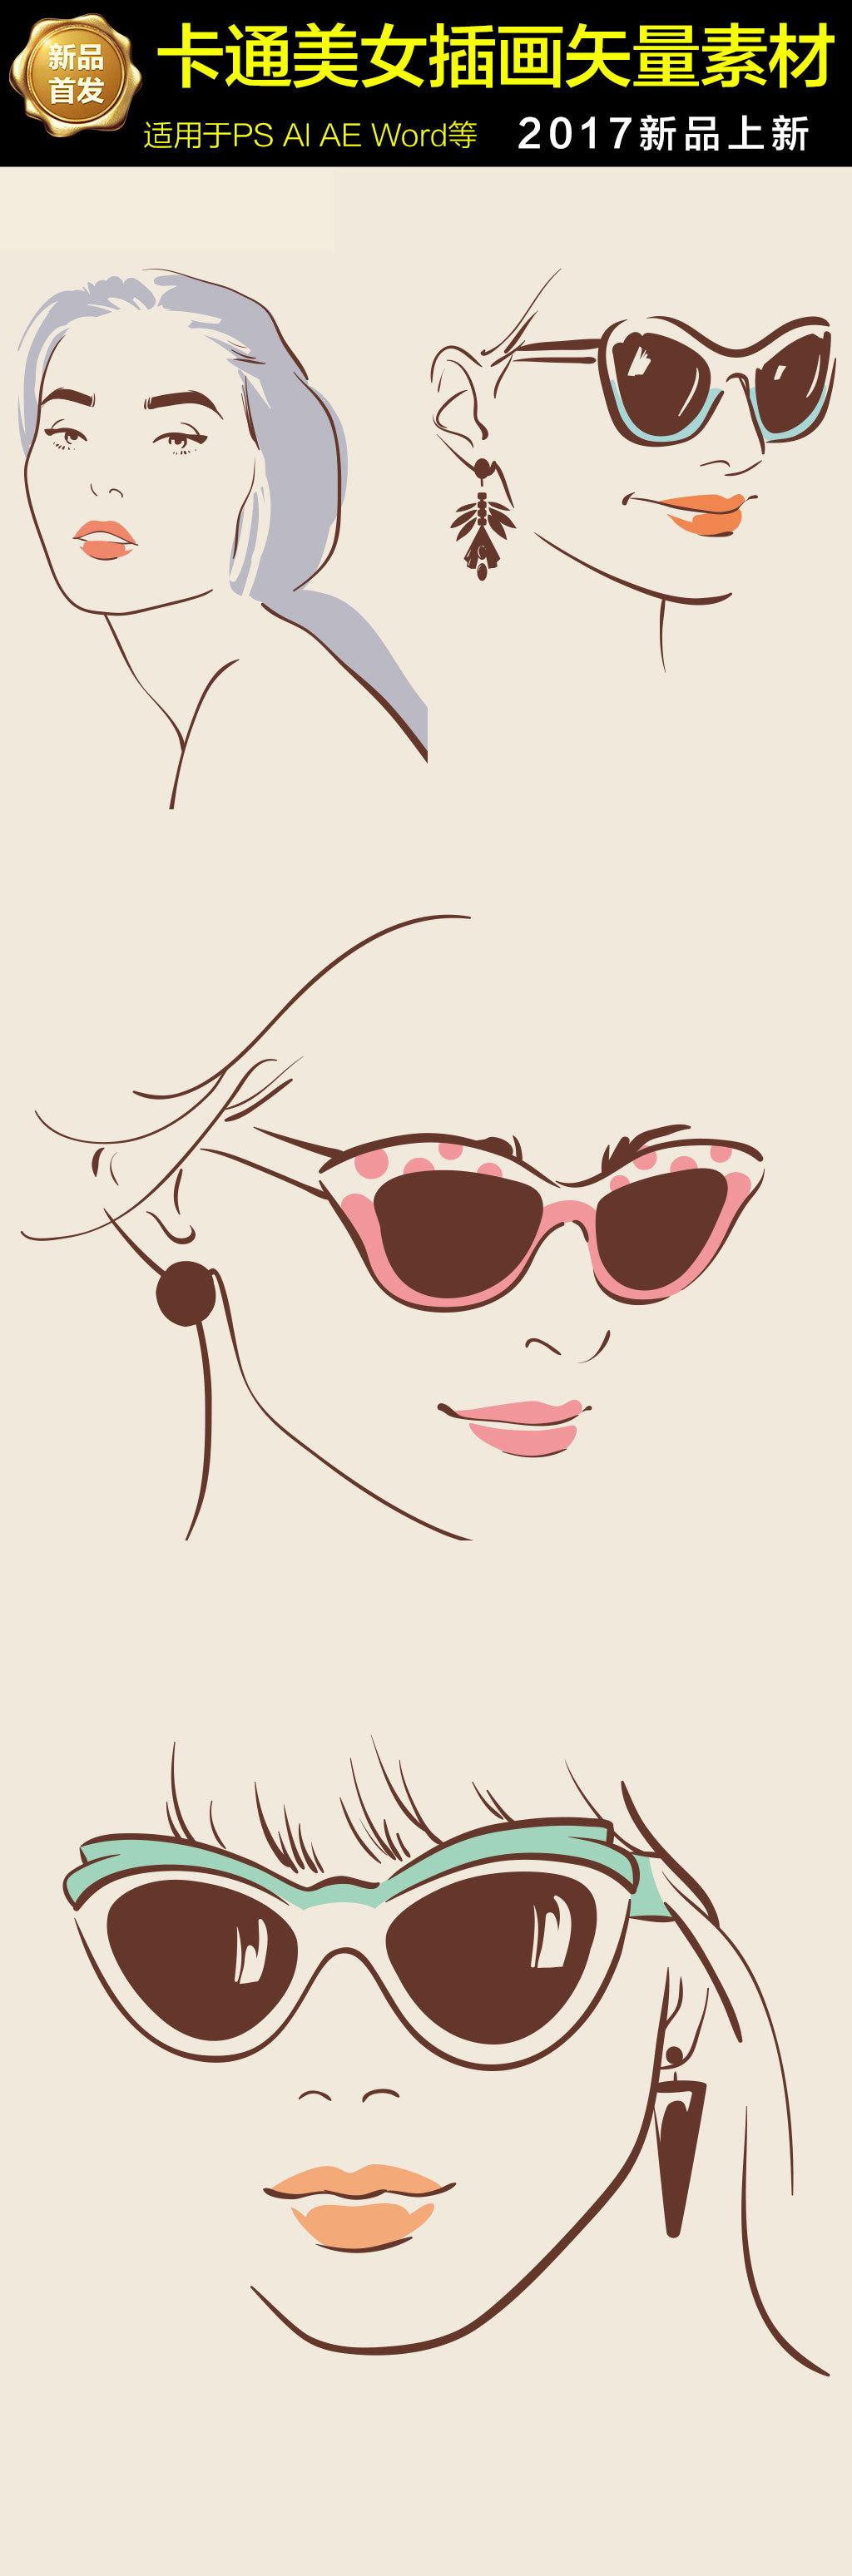 彩色抽象美女头像装饰画下载